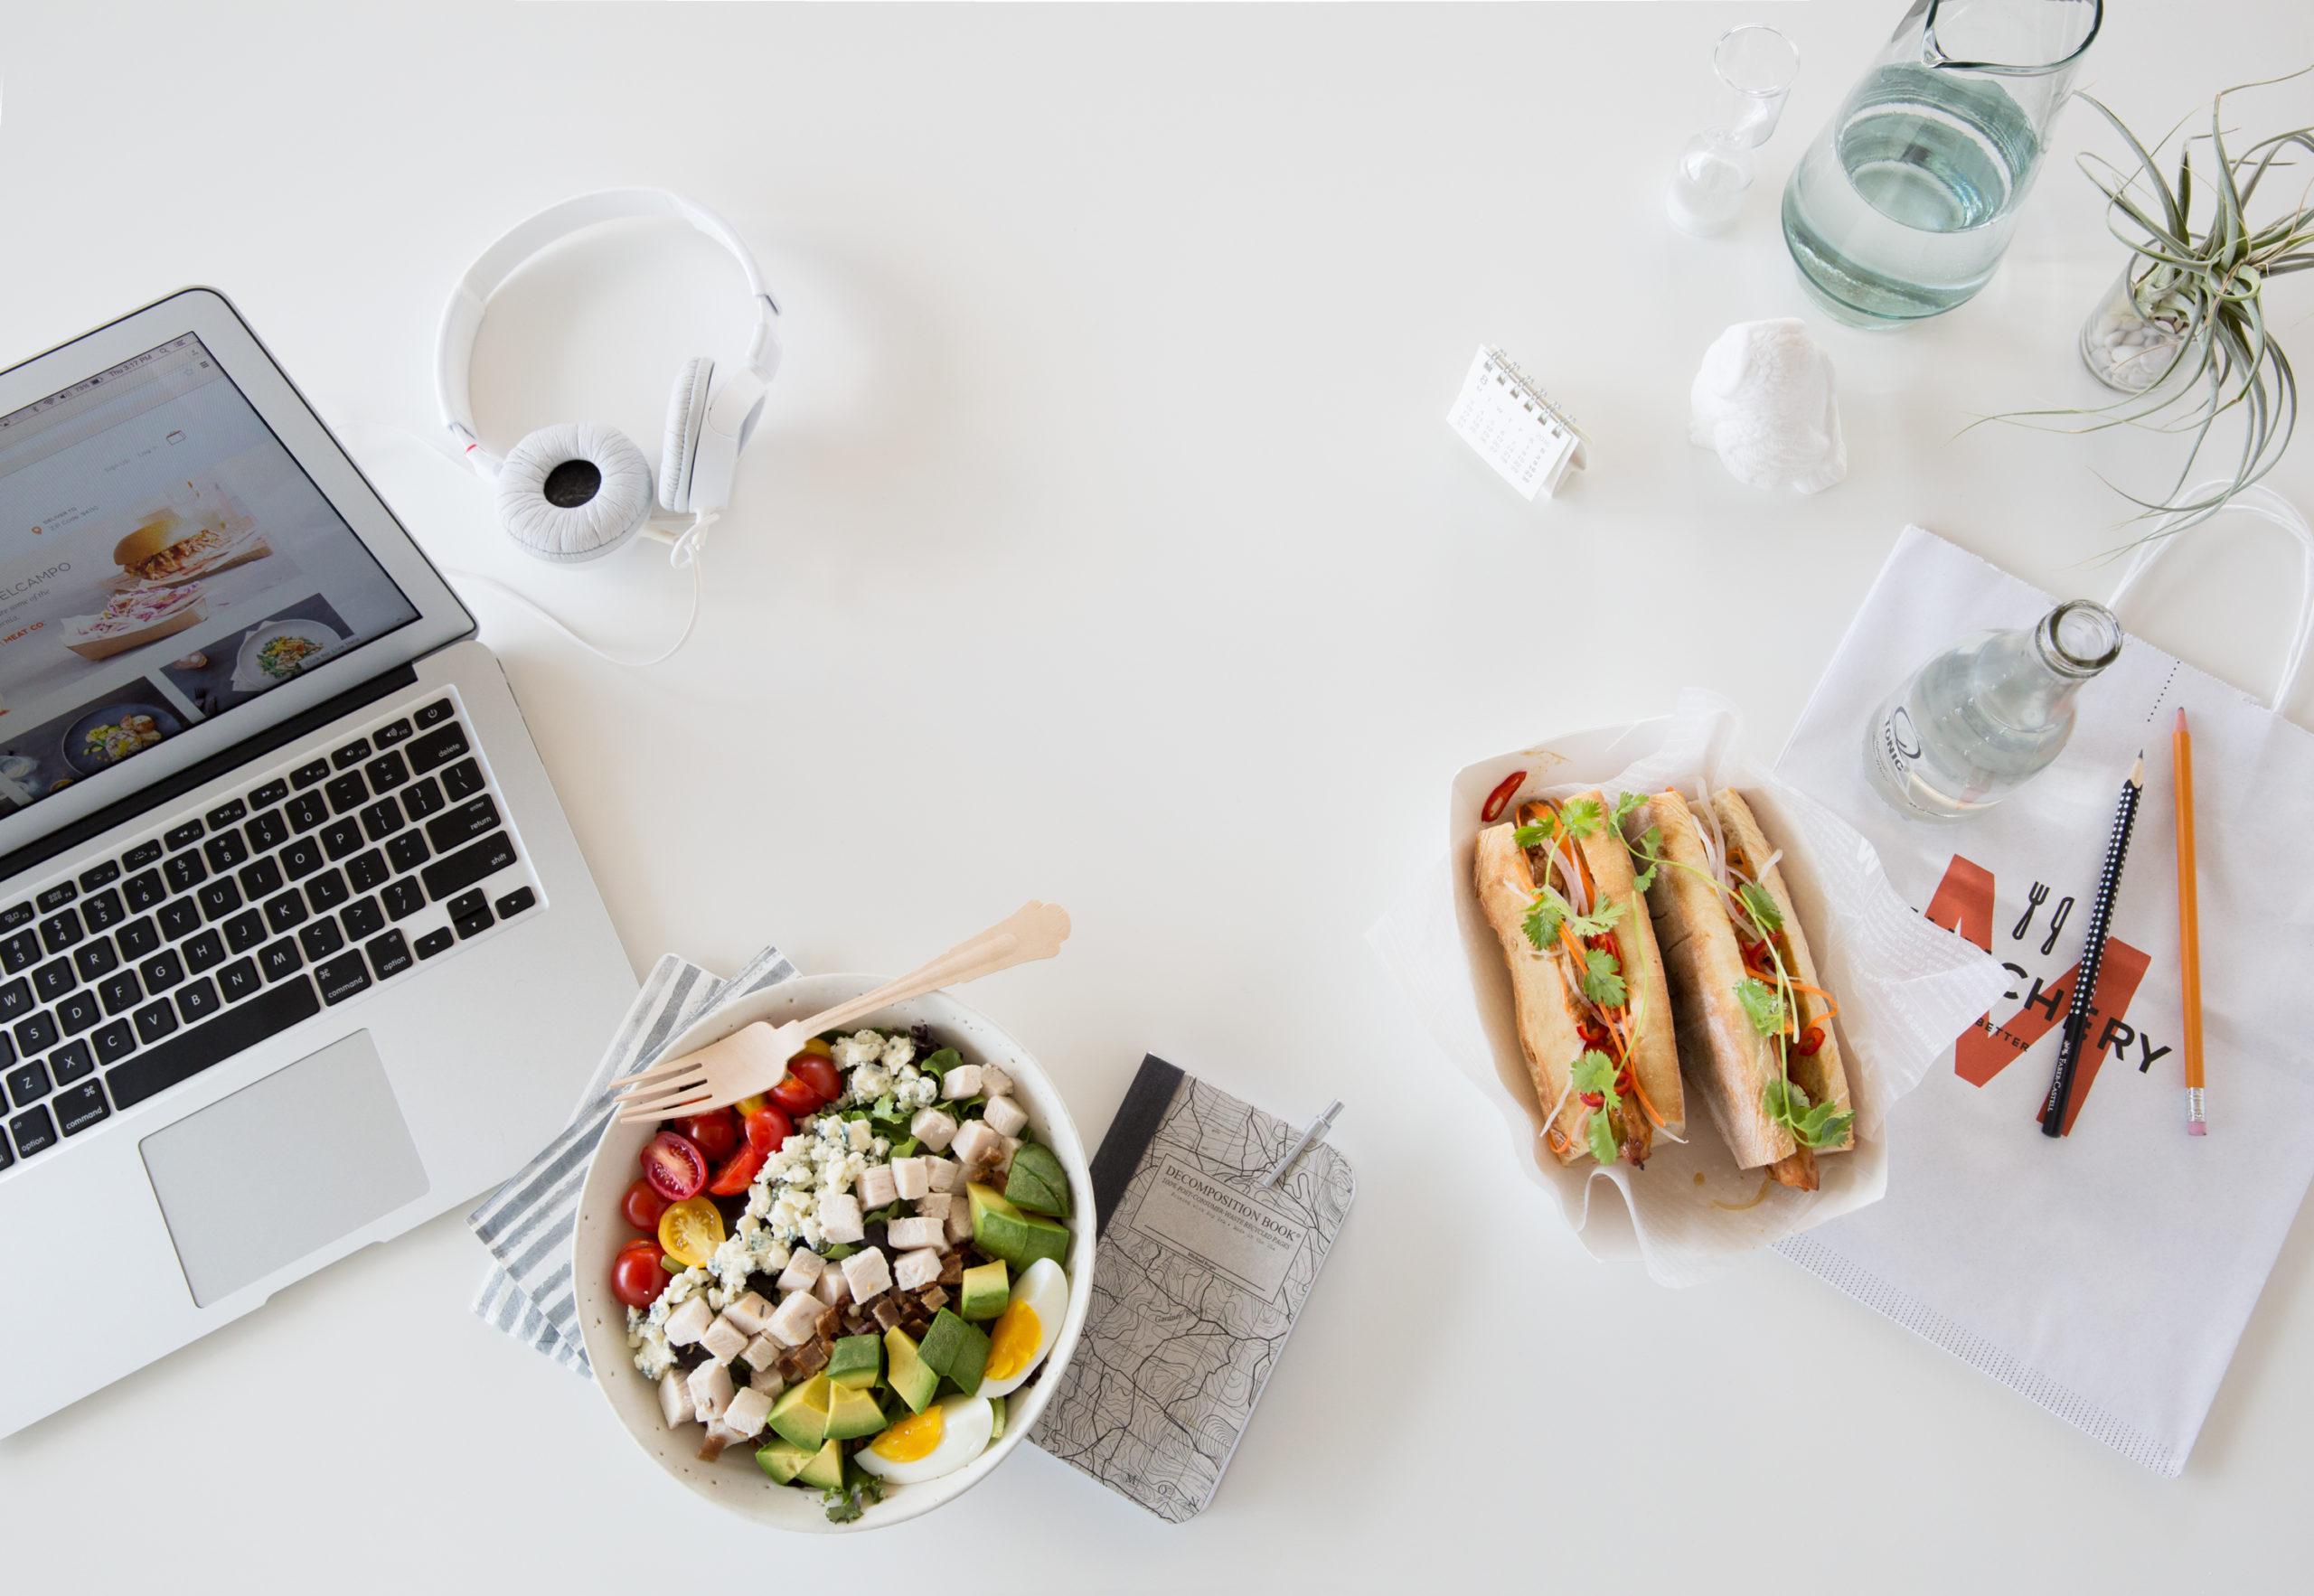 Офисное питание: как посчитать новый бизнес?